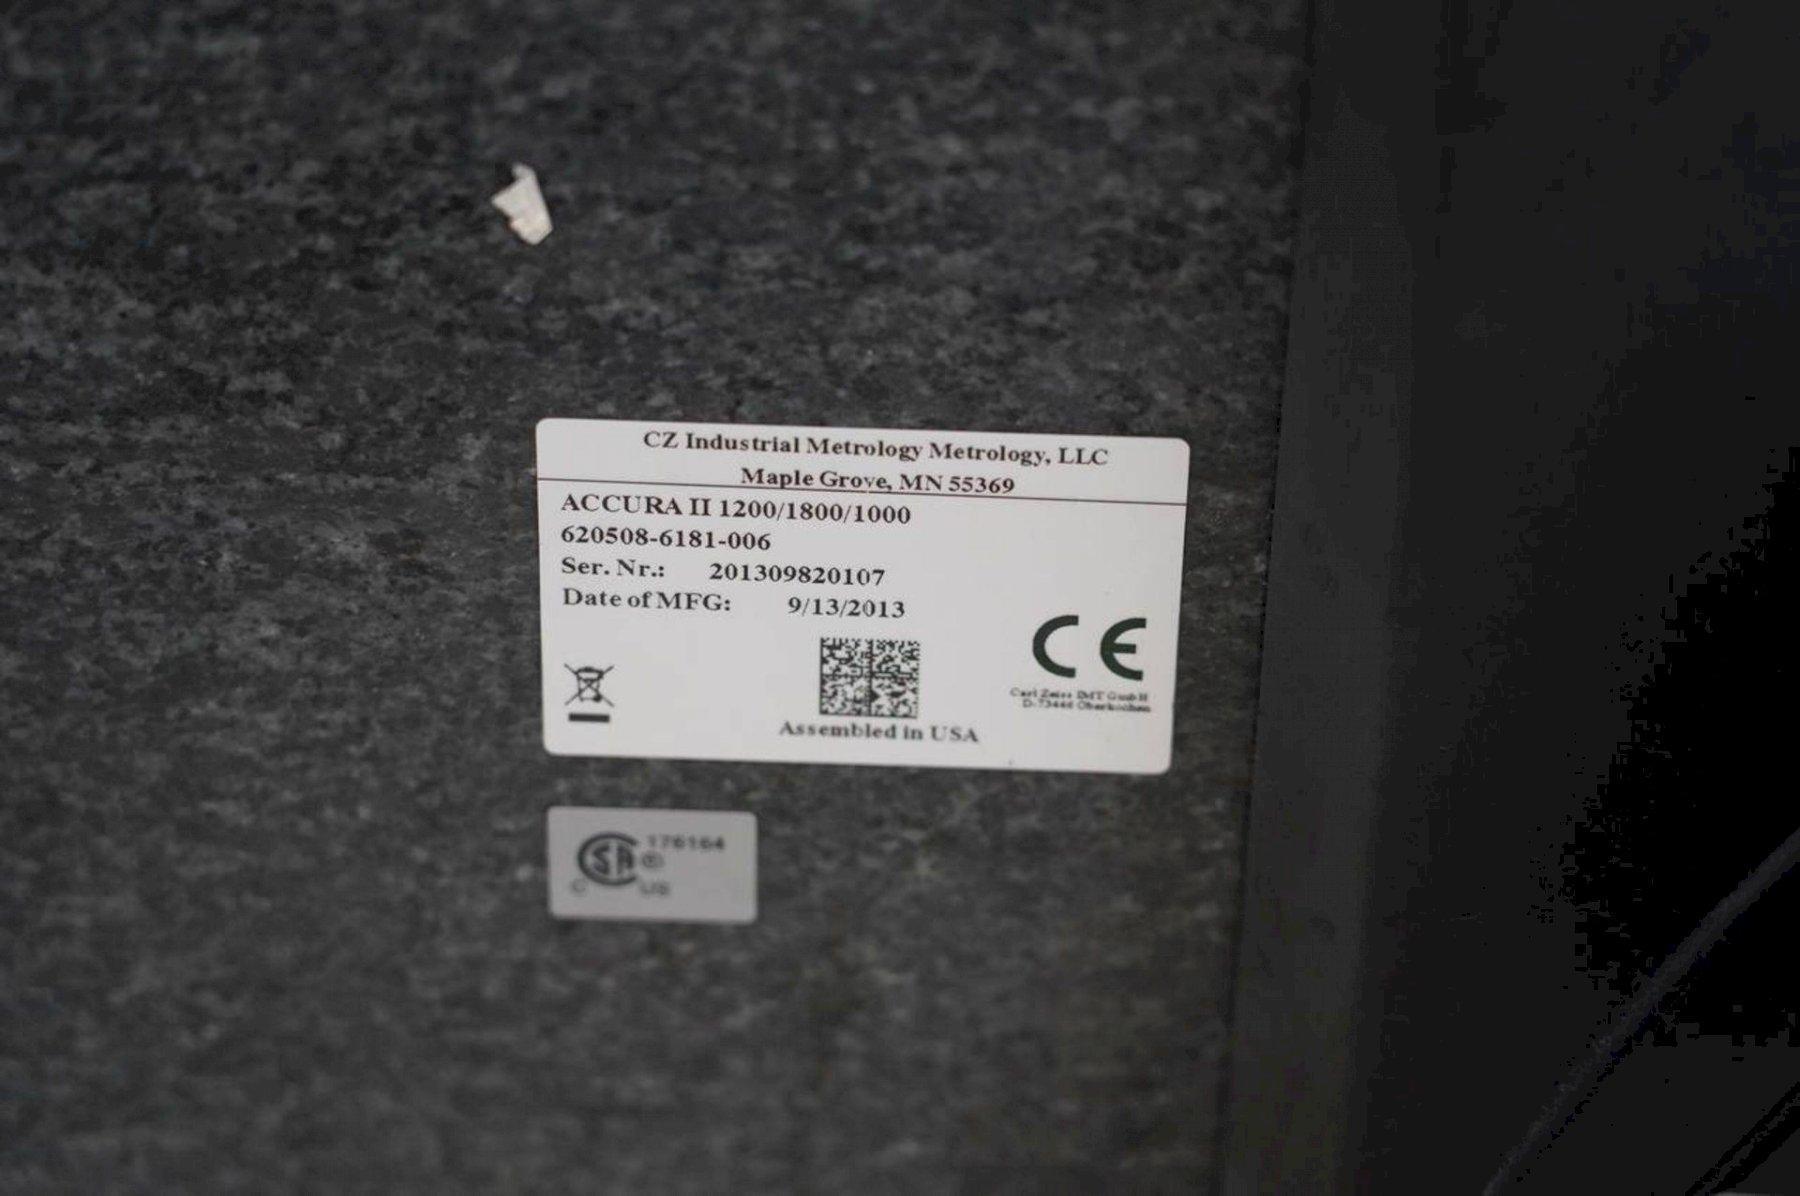 ZEISS2013 Accura II RDS 12/18/10 DCC Coordinate Measuring Machine (CMM)